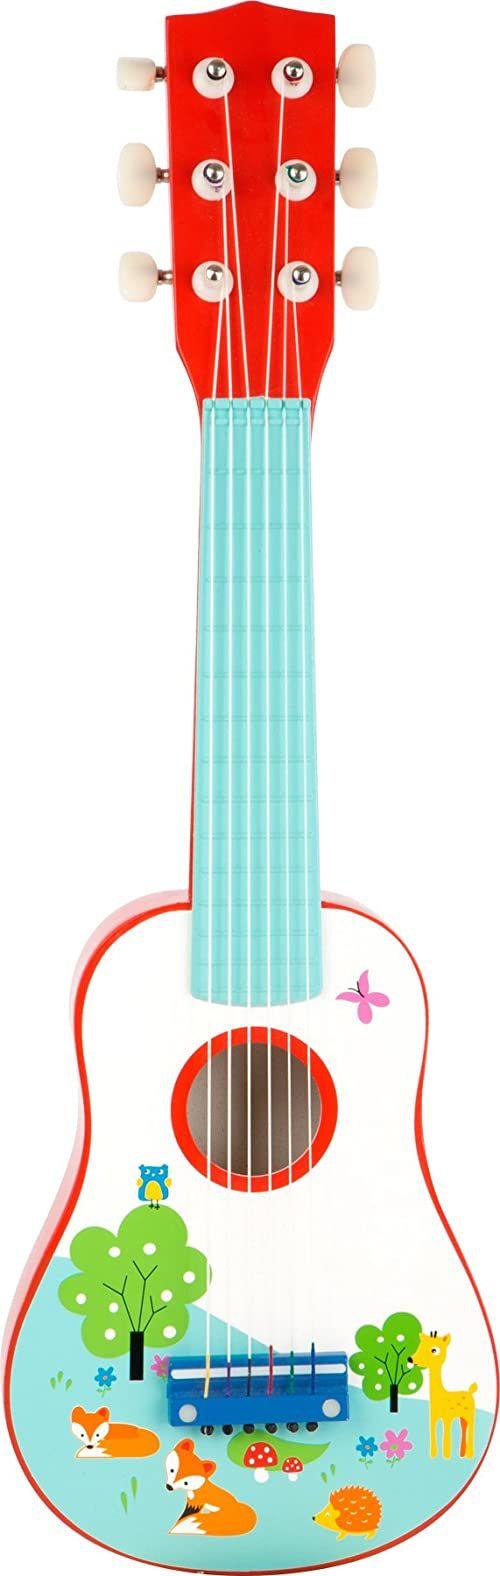 small foot 10725 drewniana gitara dla dzieci, pierwsza zabawka muzyczna, promuje umiejętności muzyczne, od 3 lat